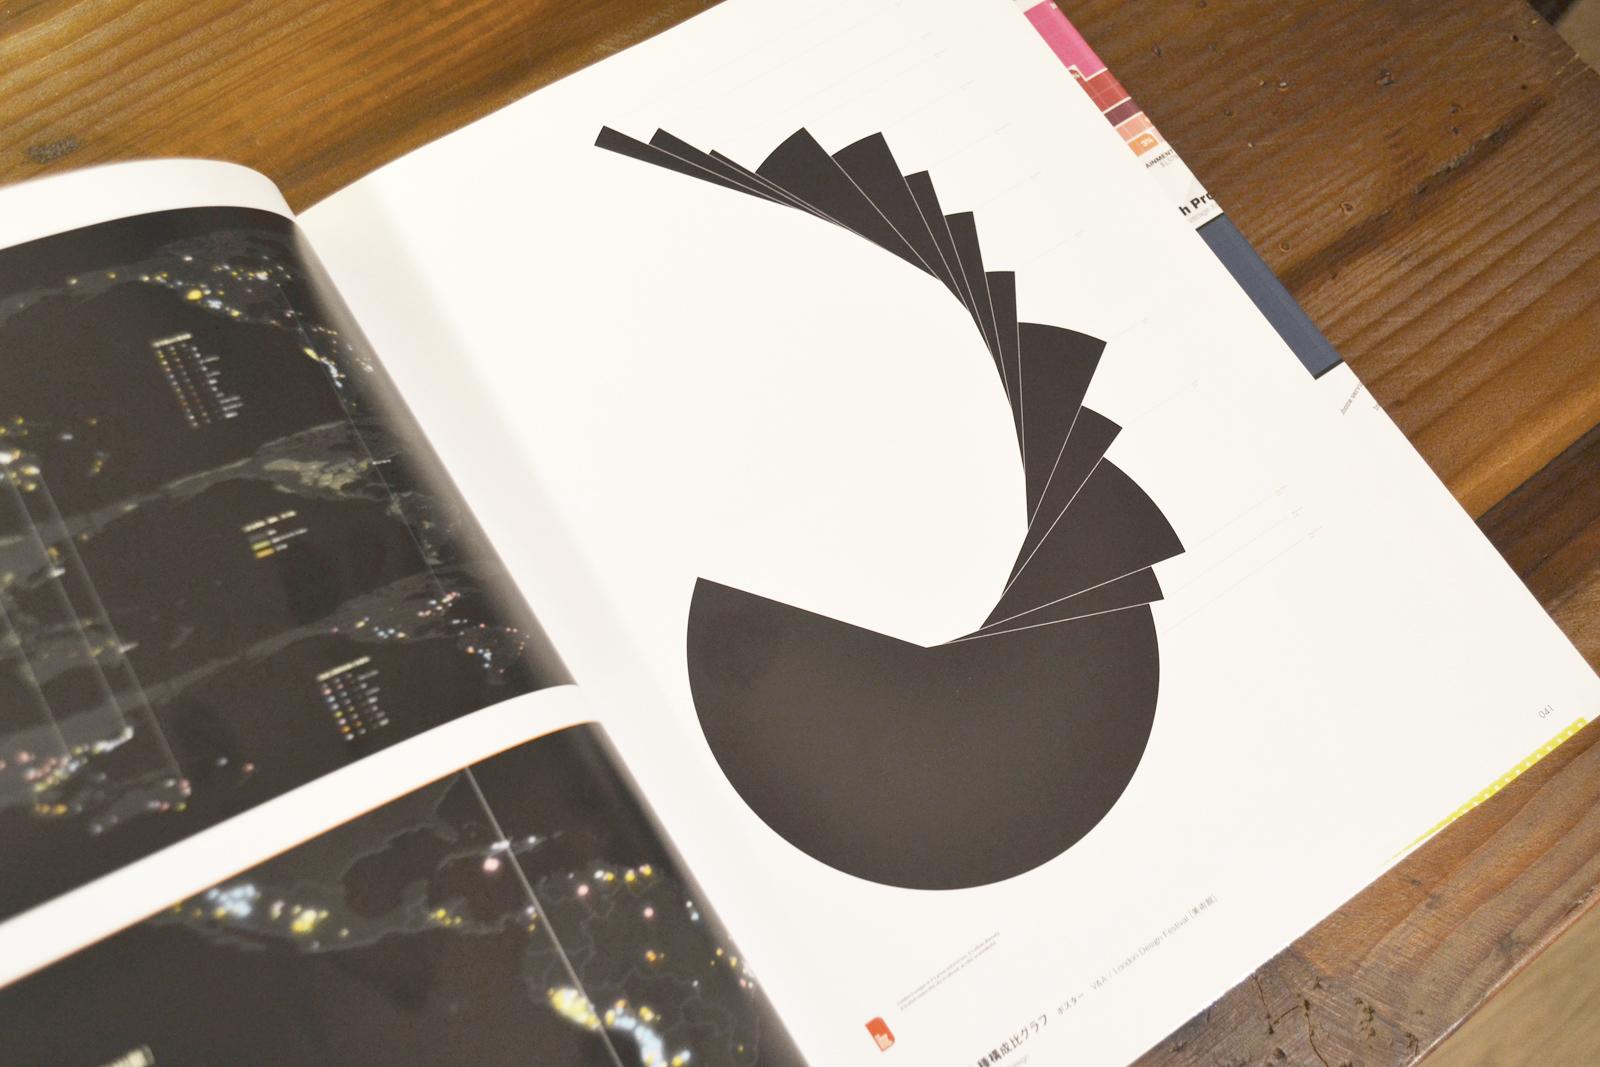 デザイン参考書籍「 身近なダイアグラム 」( 販売元: バイ インターナショナル )イメージ